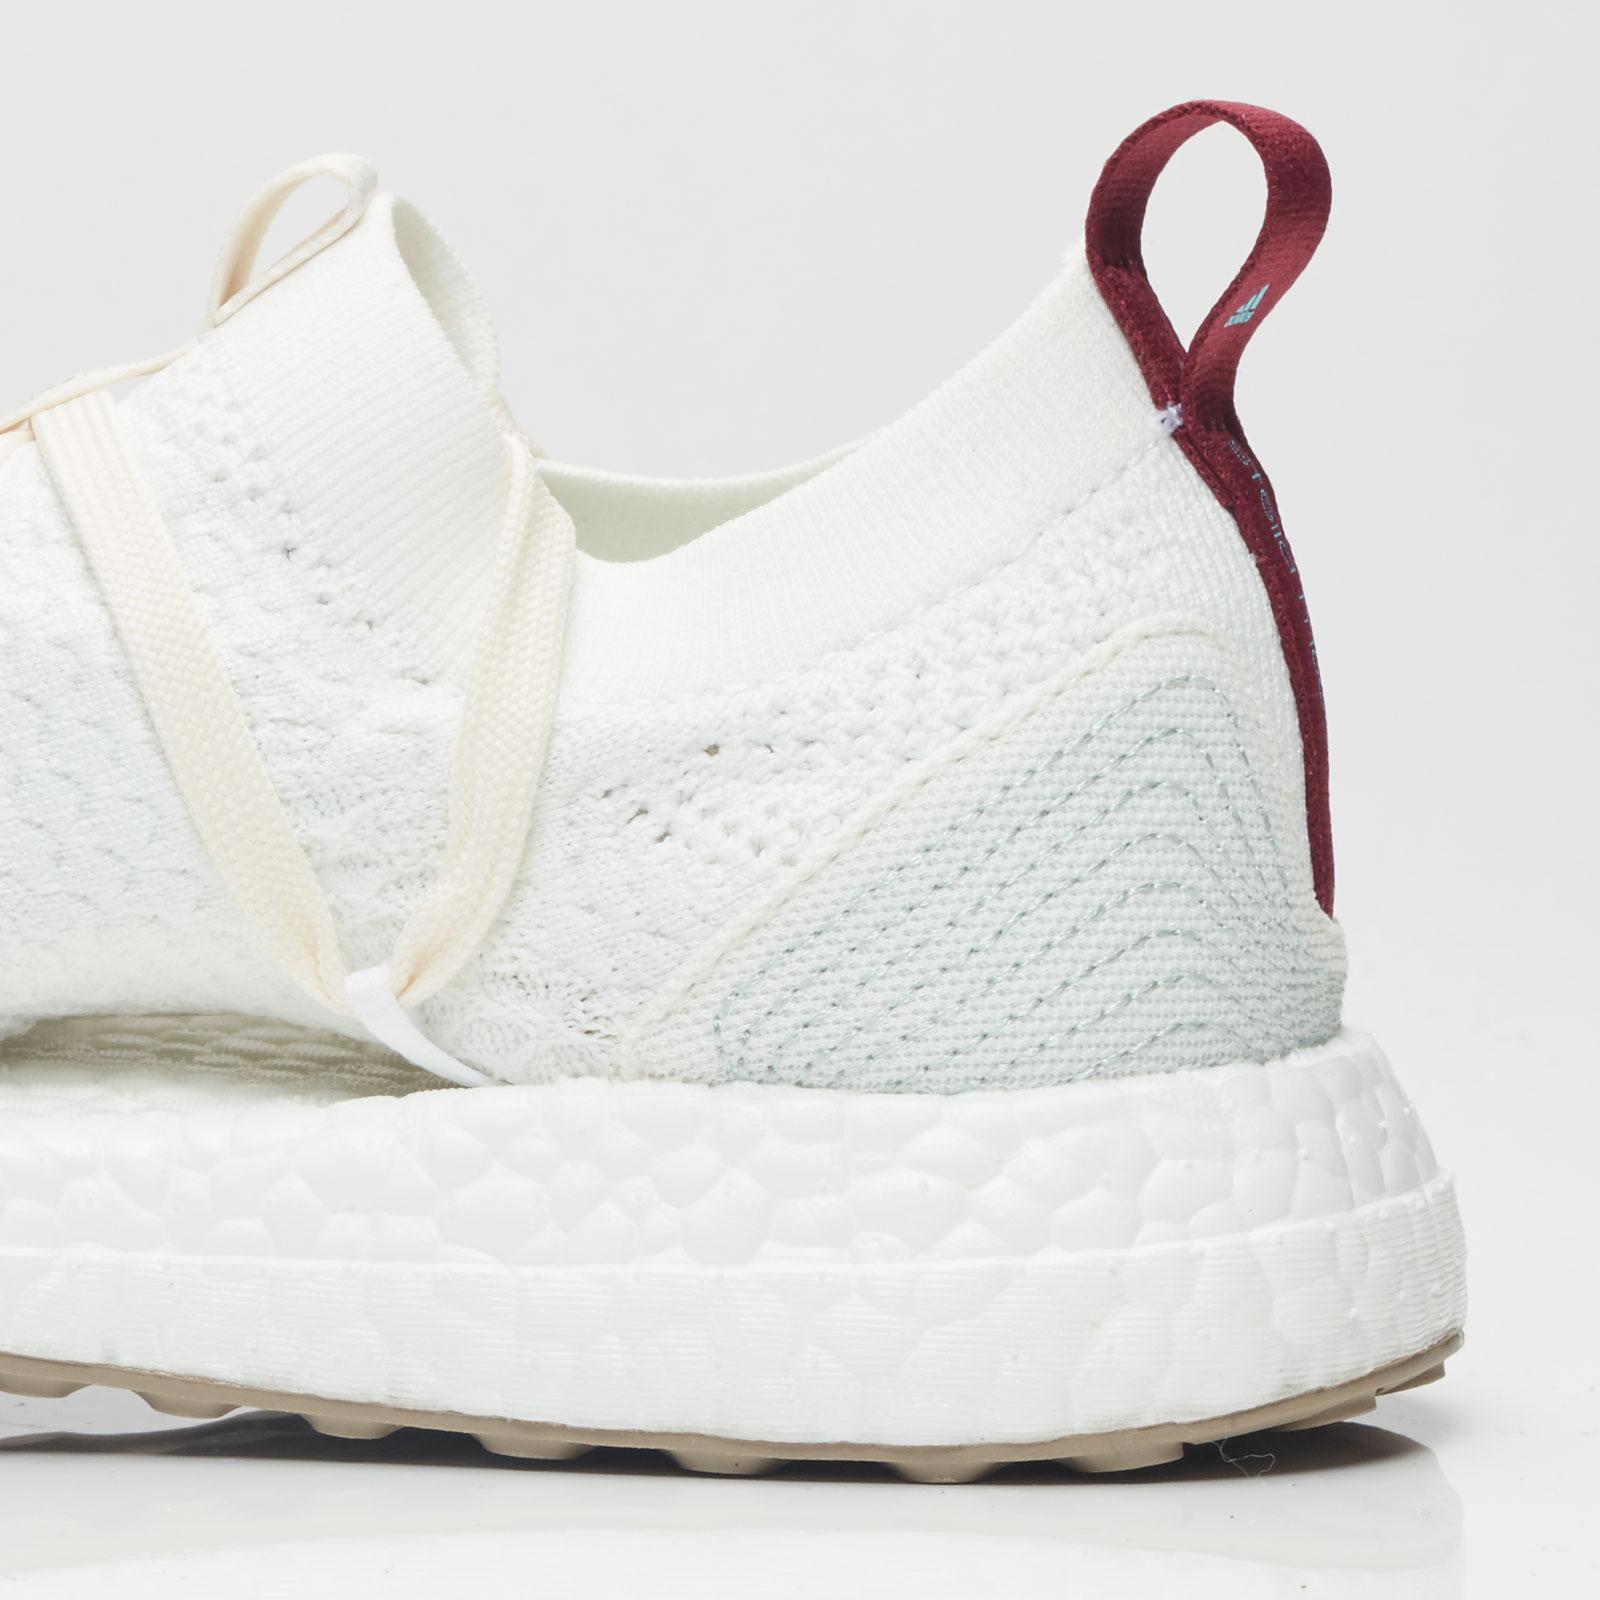 6f002a663323 adidas Ultra Boost X - Bb5511 - Sneakersnstuff